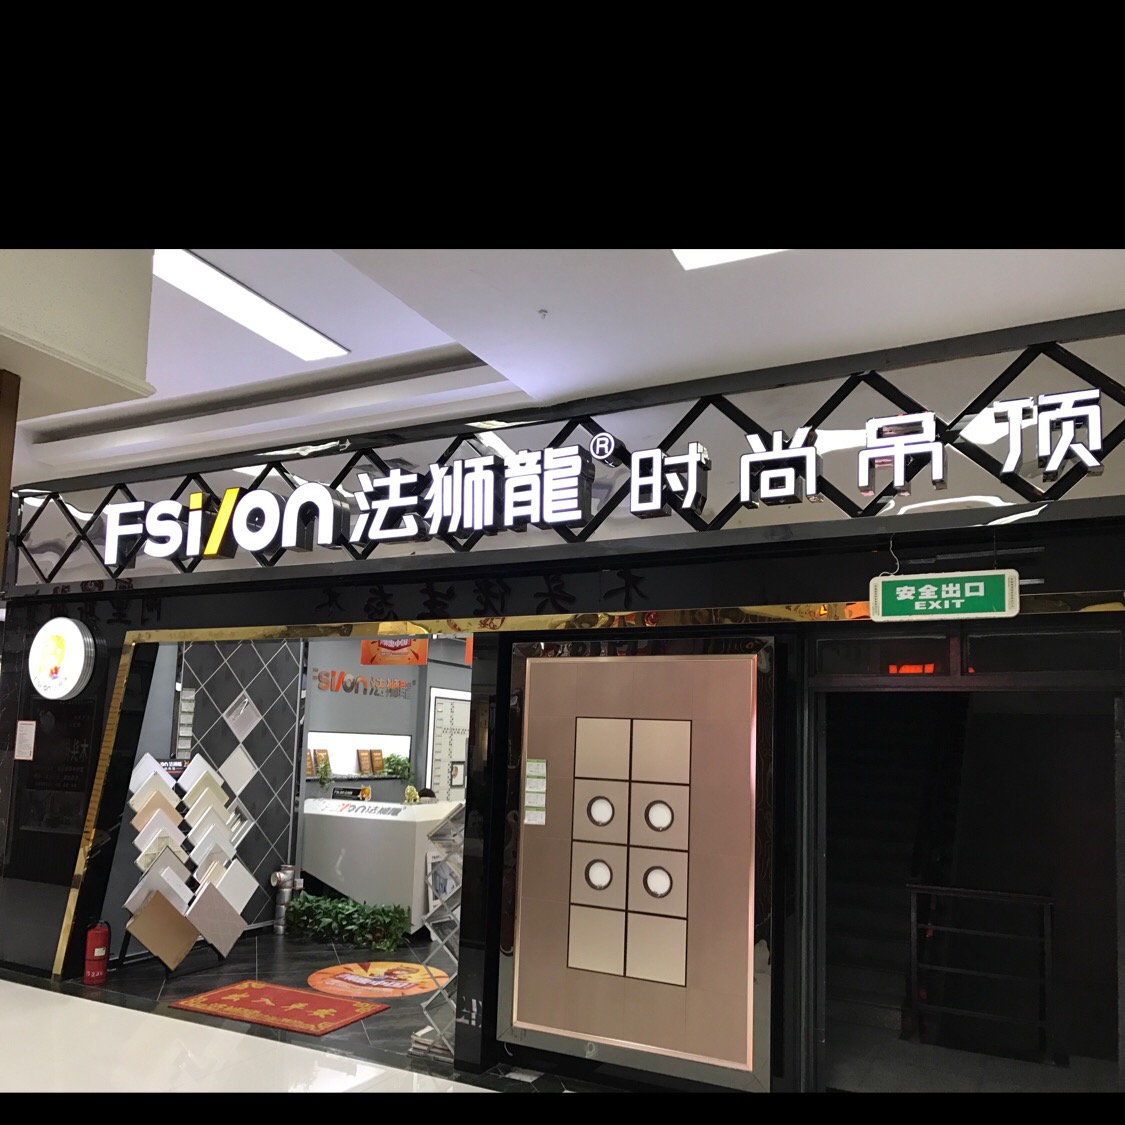 什么时候关门,什么时候开门): 查看法狮龙时尚吊顶附近的餐馆 查看图片